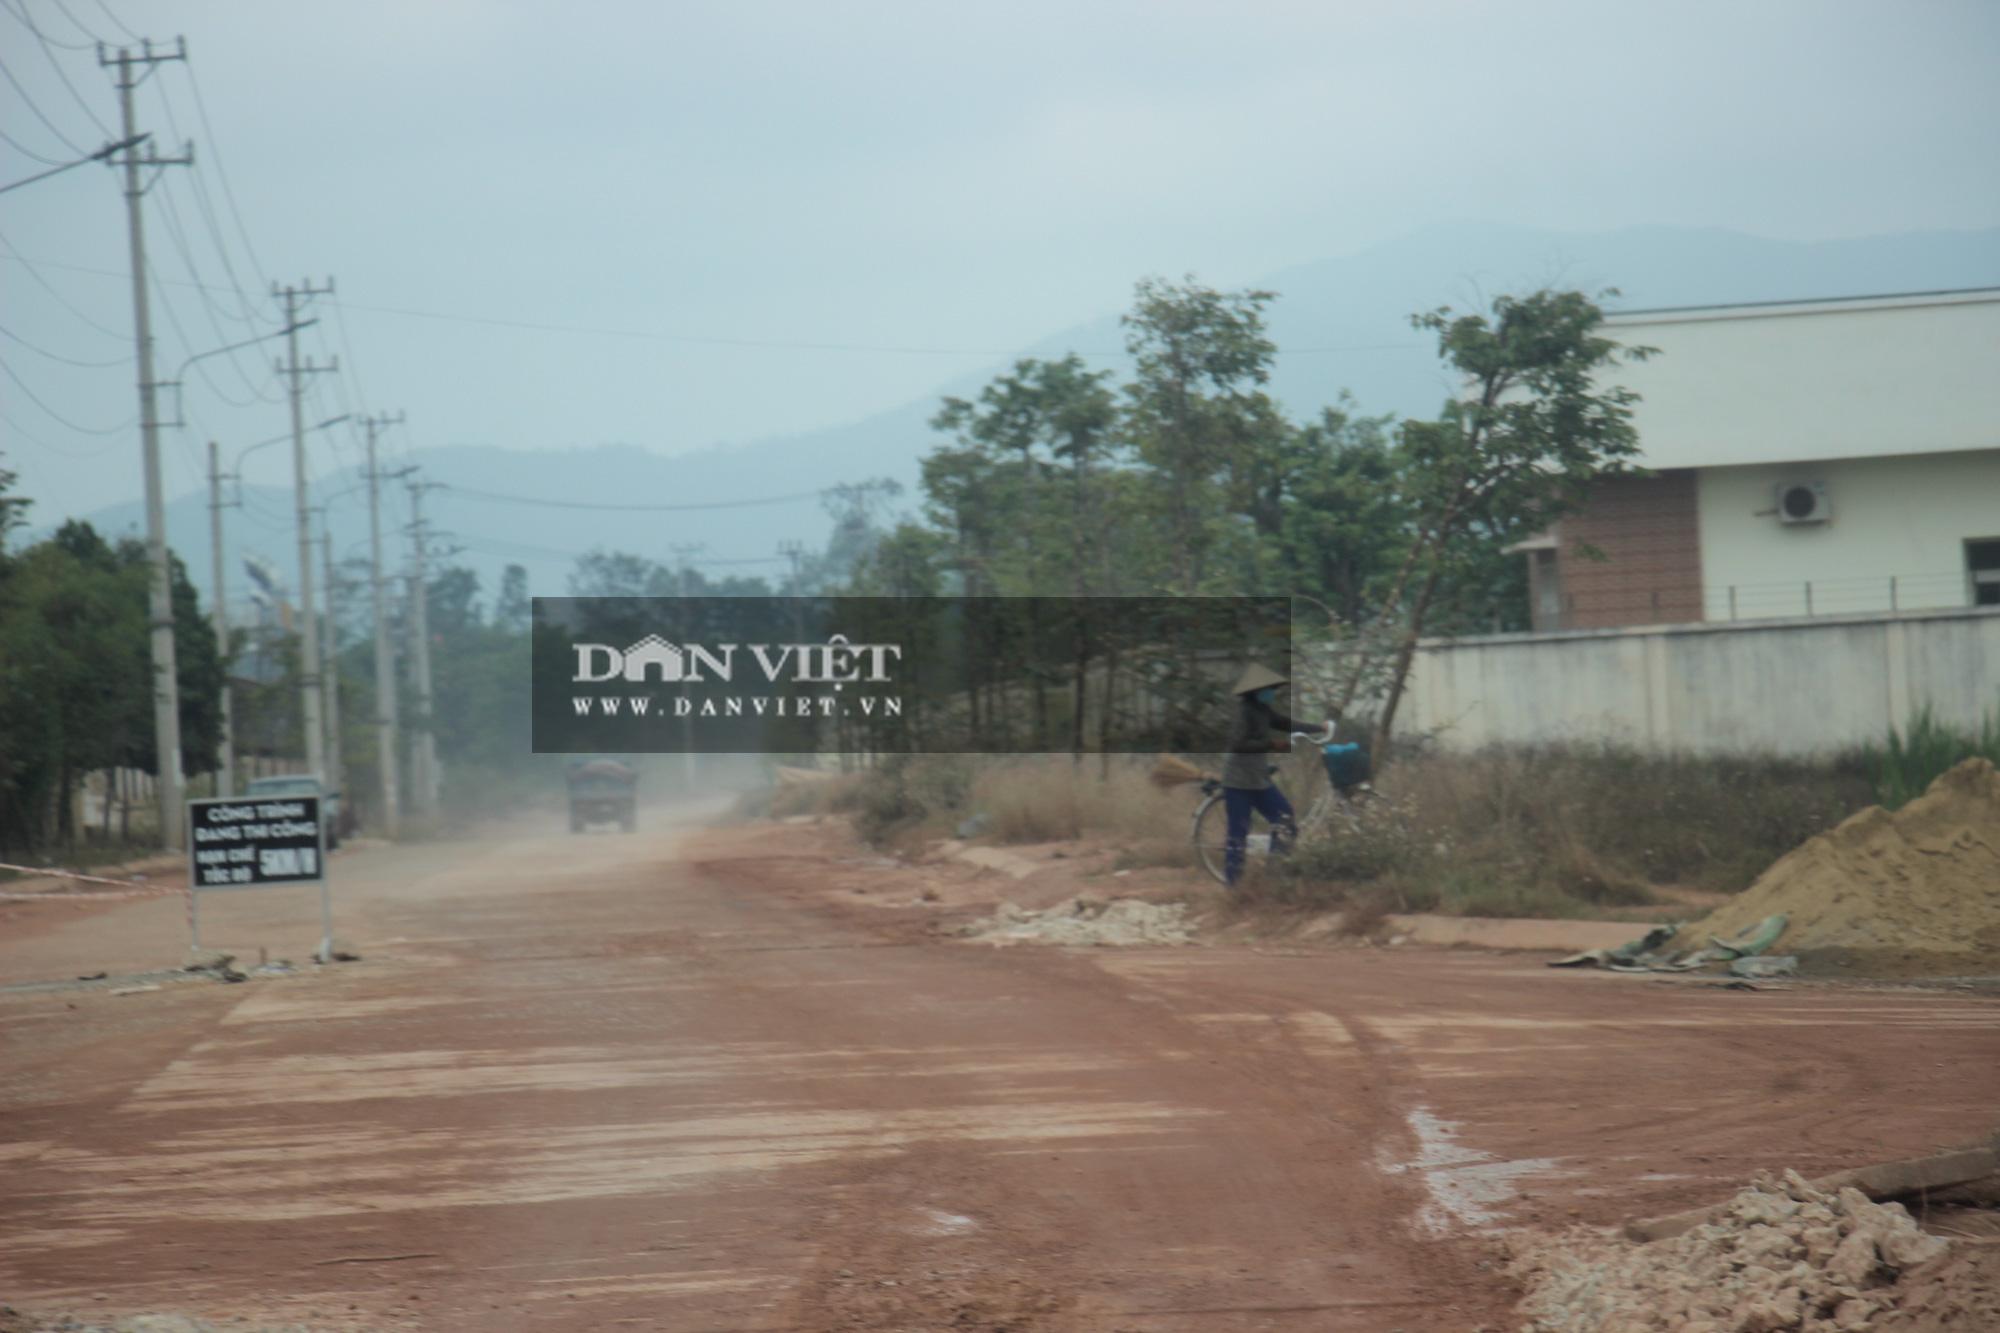 """Bình Định: Đoàn xe hổ vồ """"siêu tải"""" Bá Sanh Đường tung hoành - Ảnh 6."""